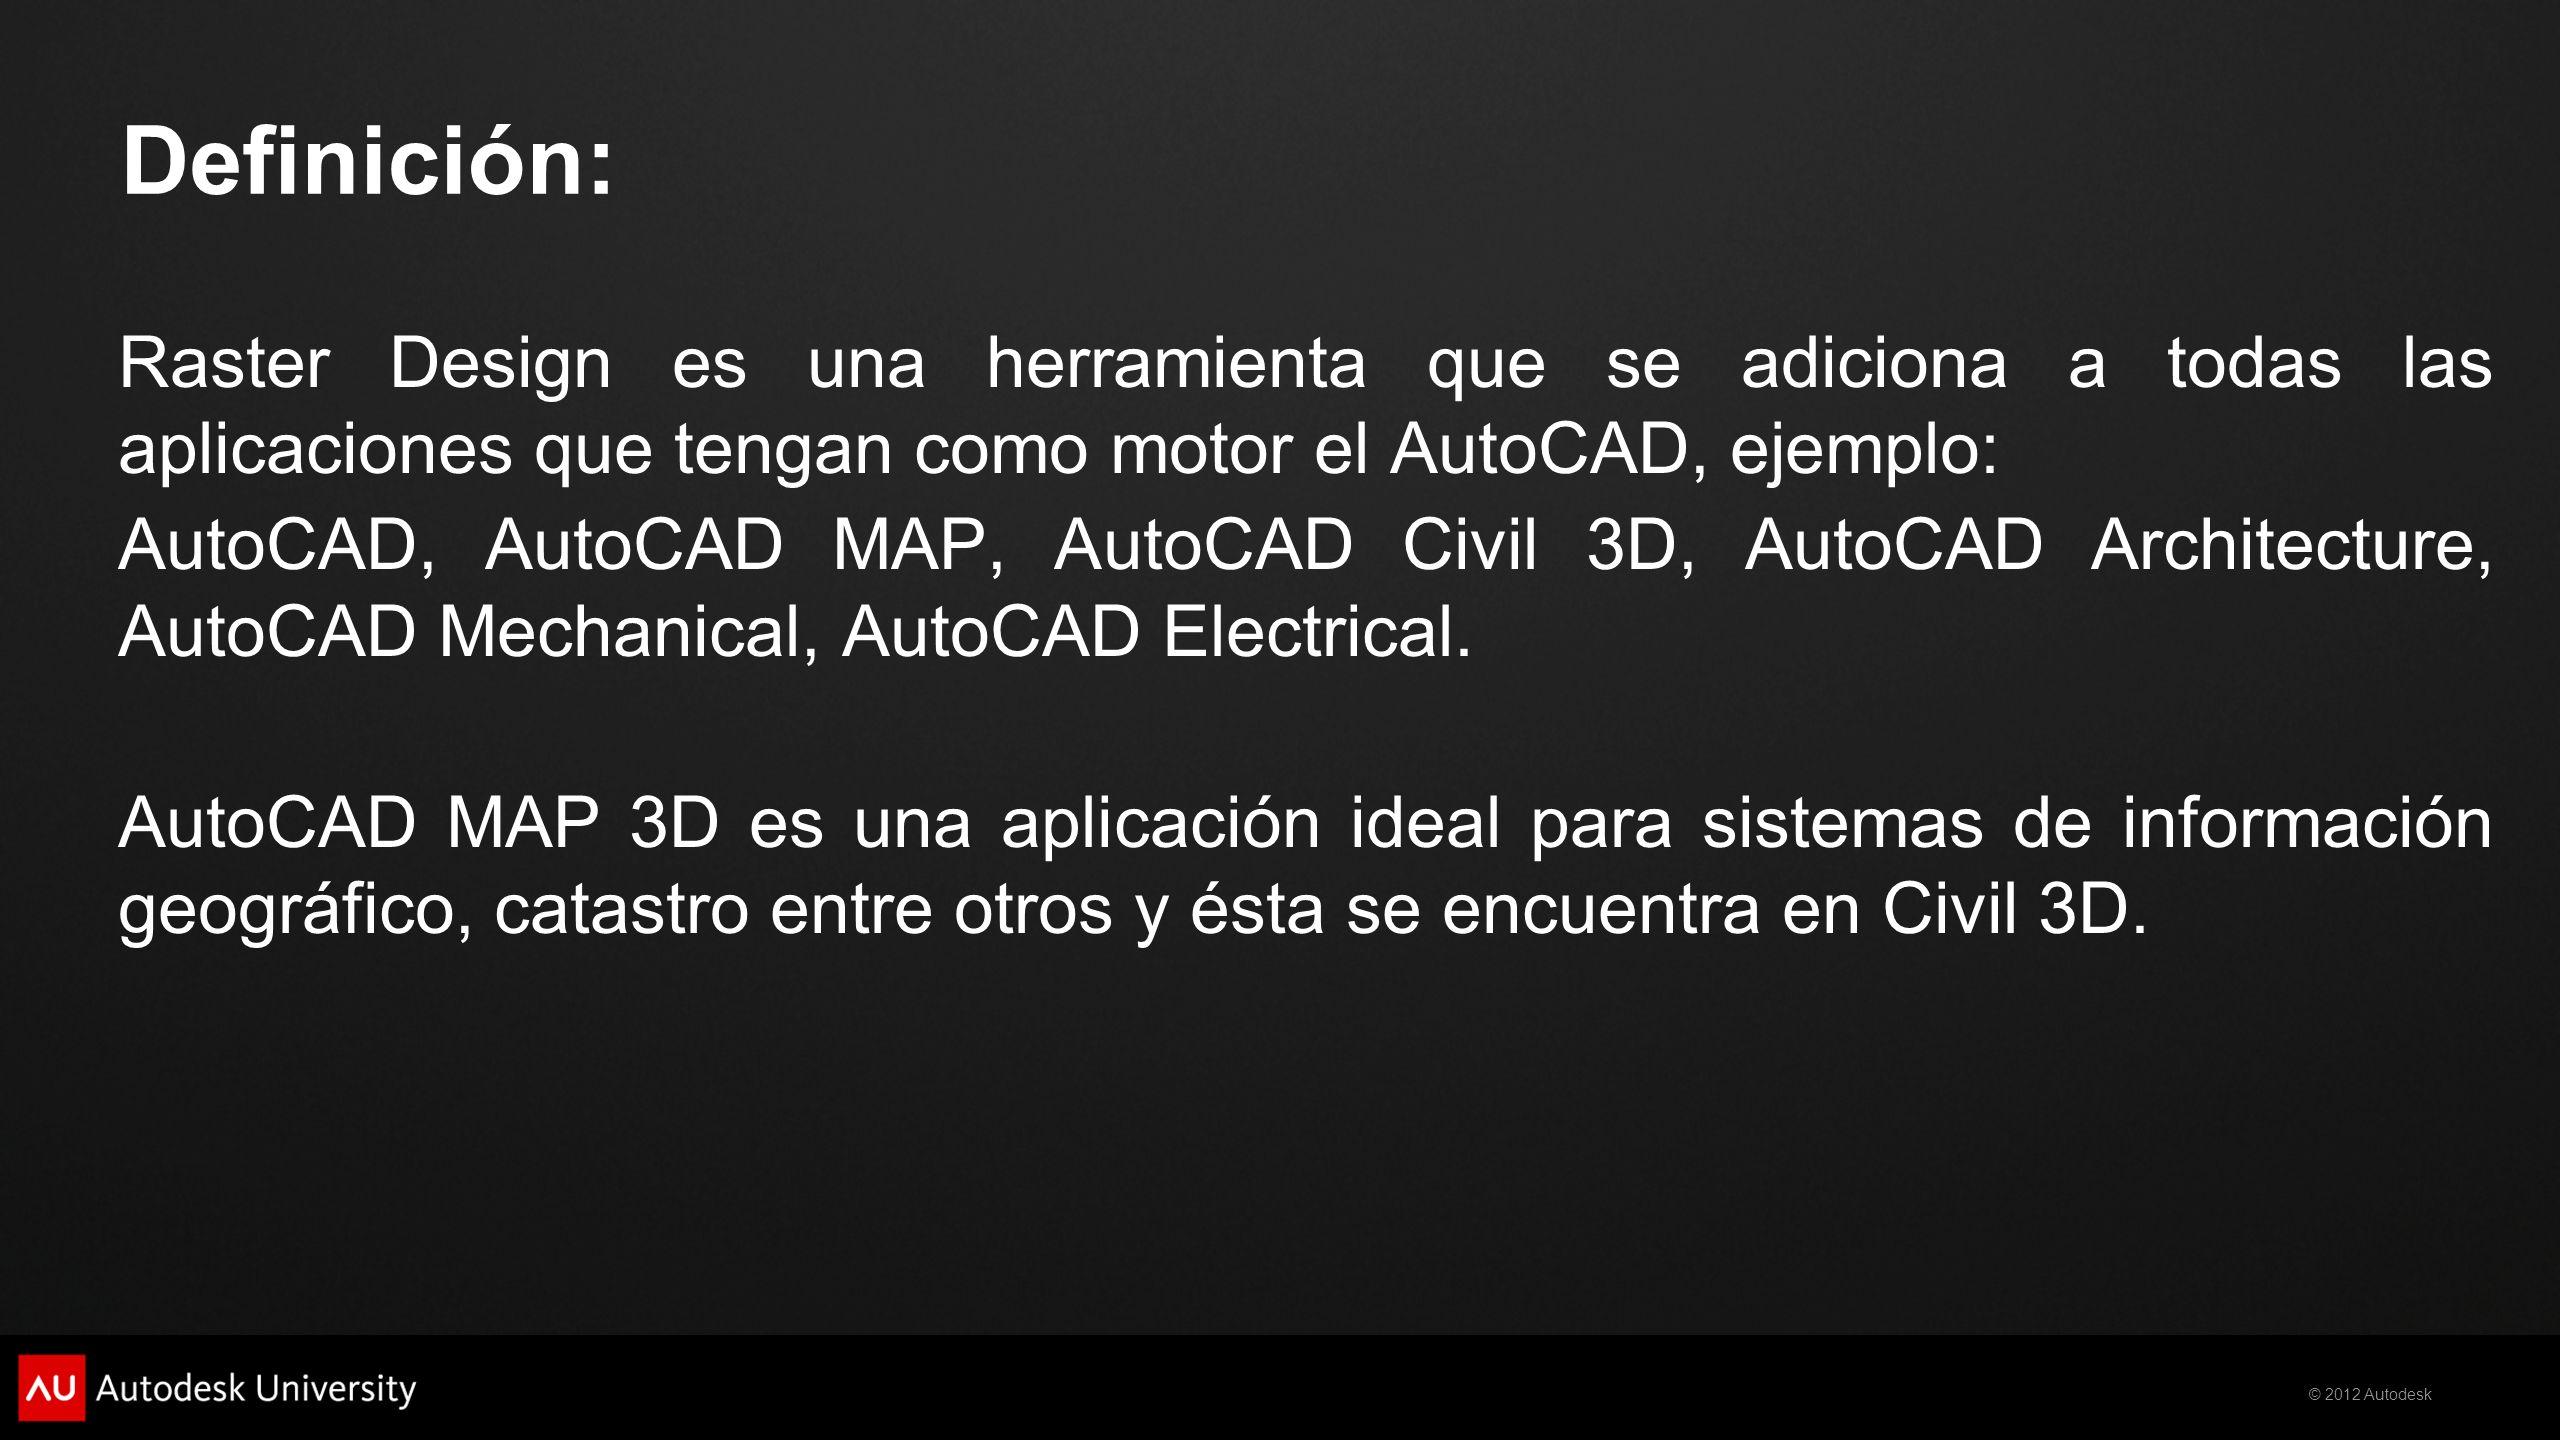 Definición: Raster Design es una herramienta que se adiciona a todas las aplicaciones que tengan como motor el AutoCAD, ejemplo: